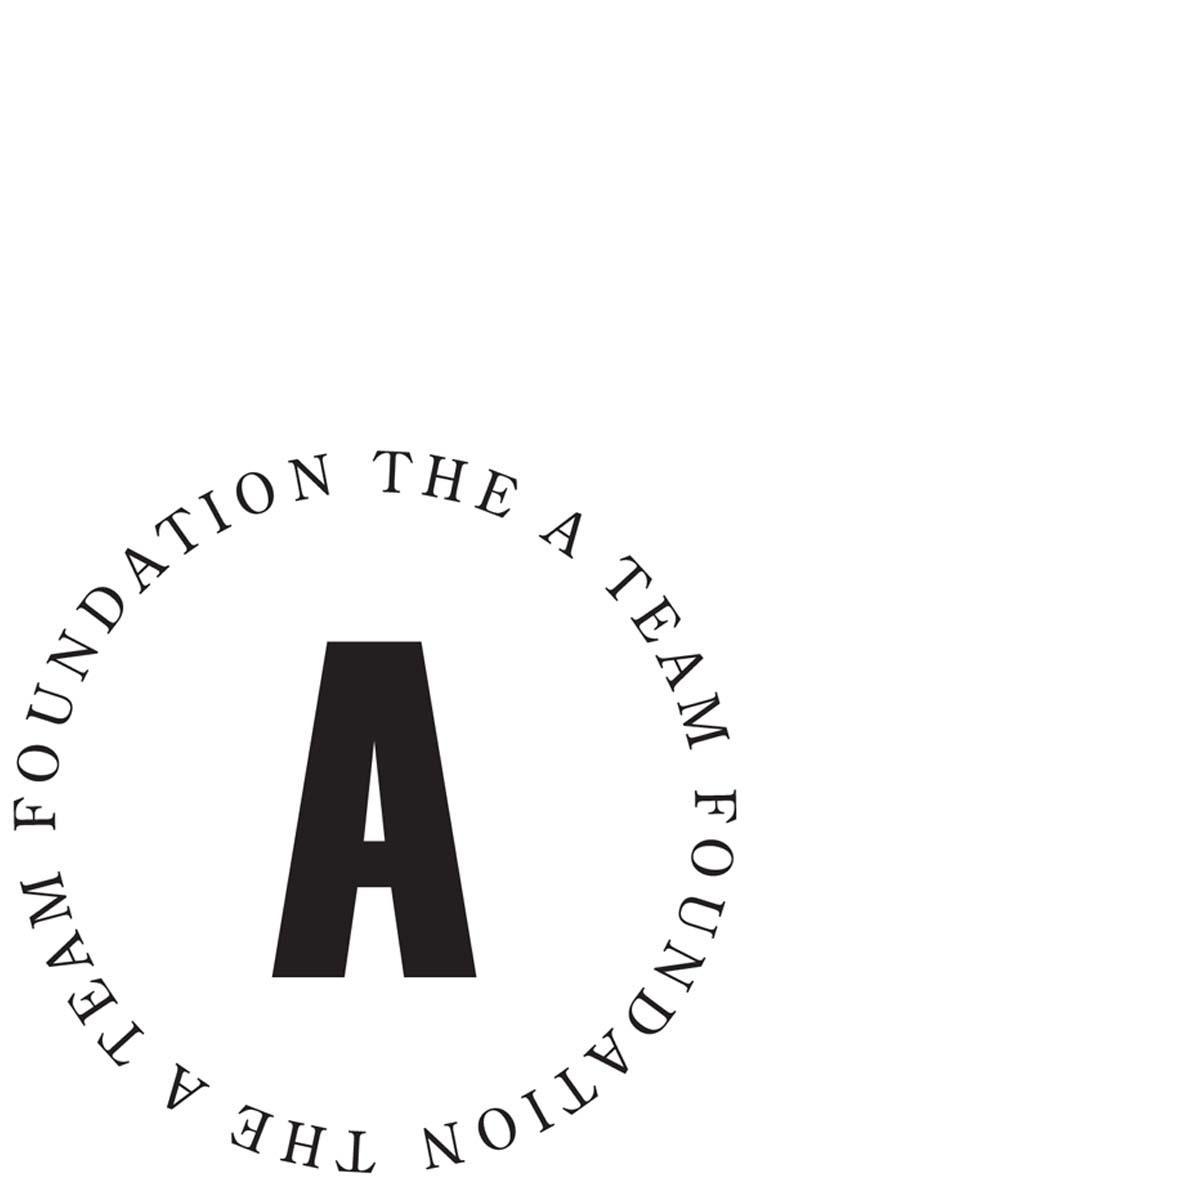 A Team Foundation logo